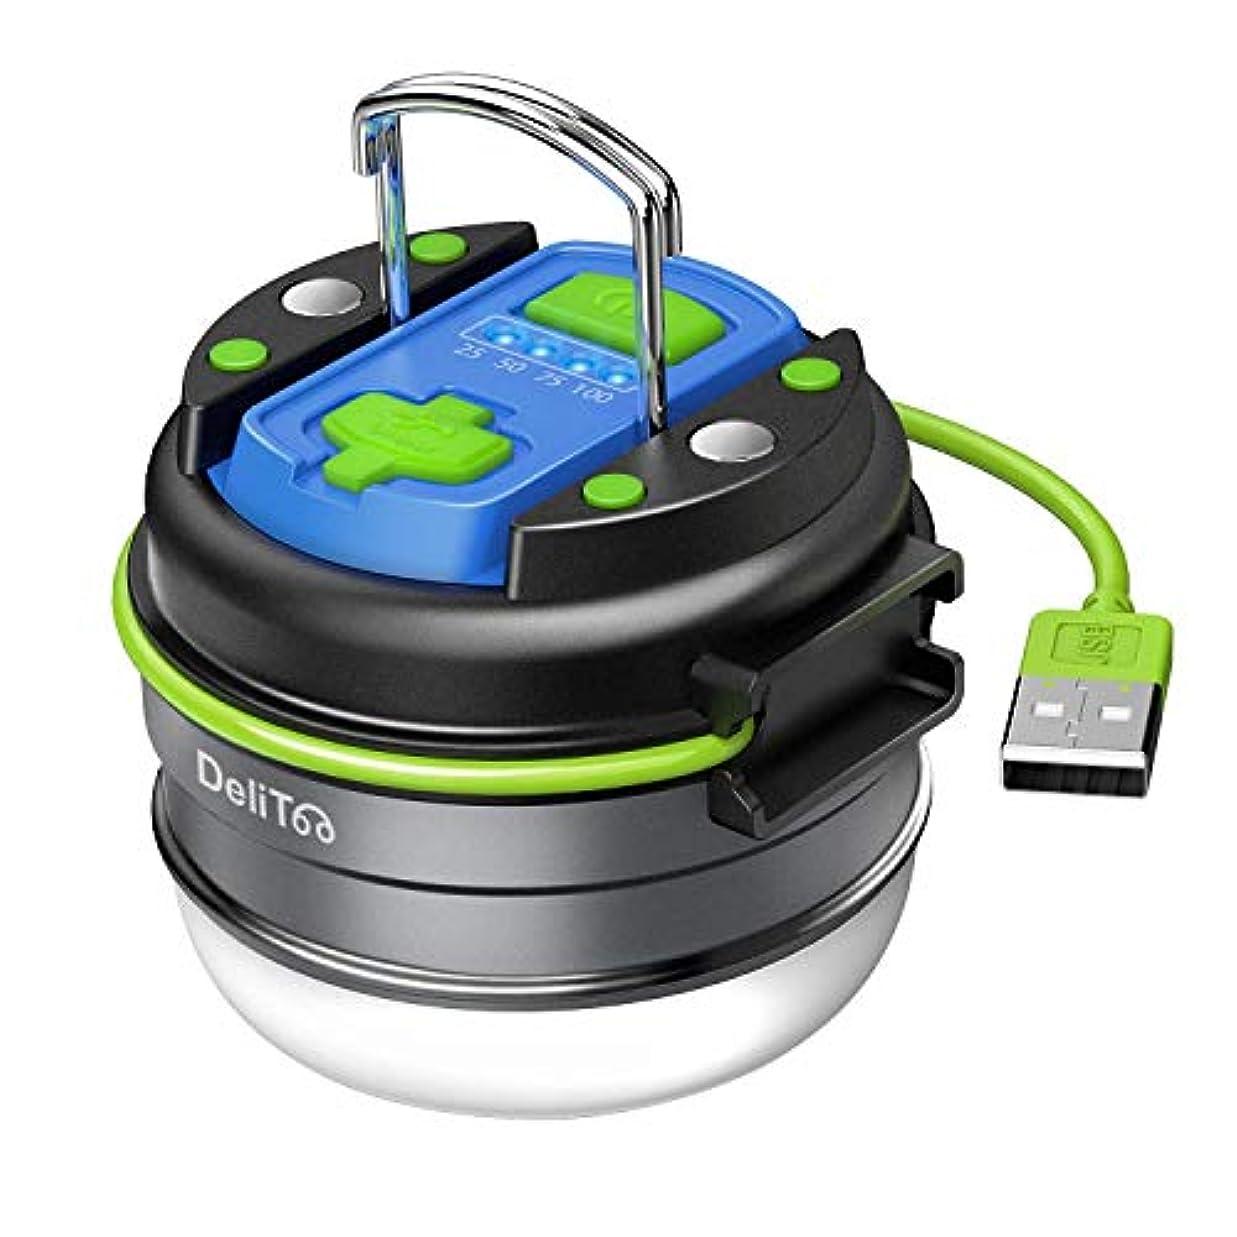 ルートダンプ気味の悪いDeliToo LEDランタン 懐中電灯 USB充電式 マグネット搭載 200LM高輝度 3000mAh大容量 IP65防水 アウトドア